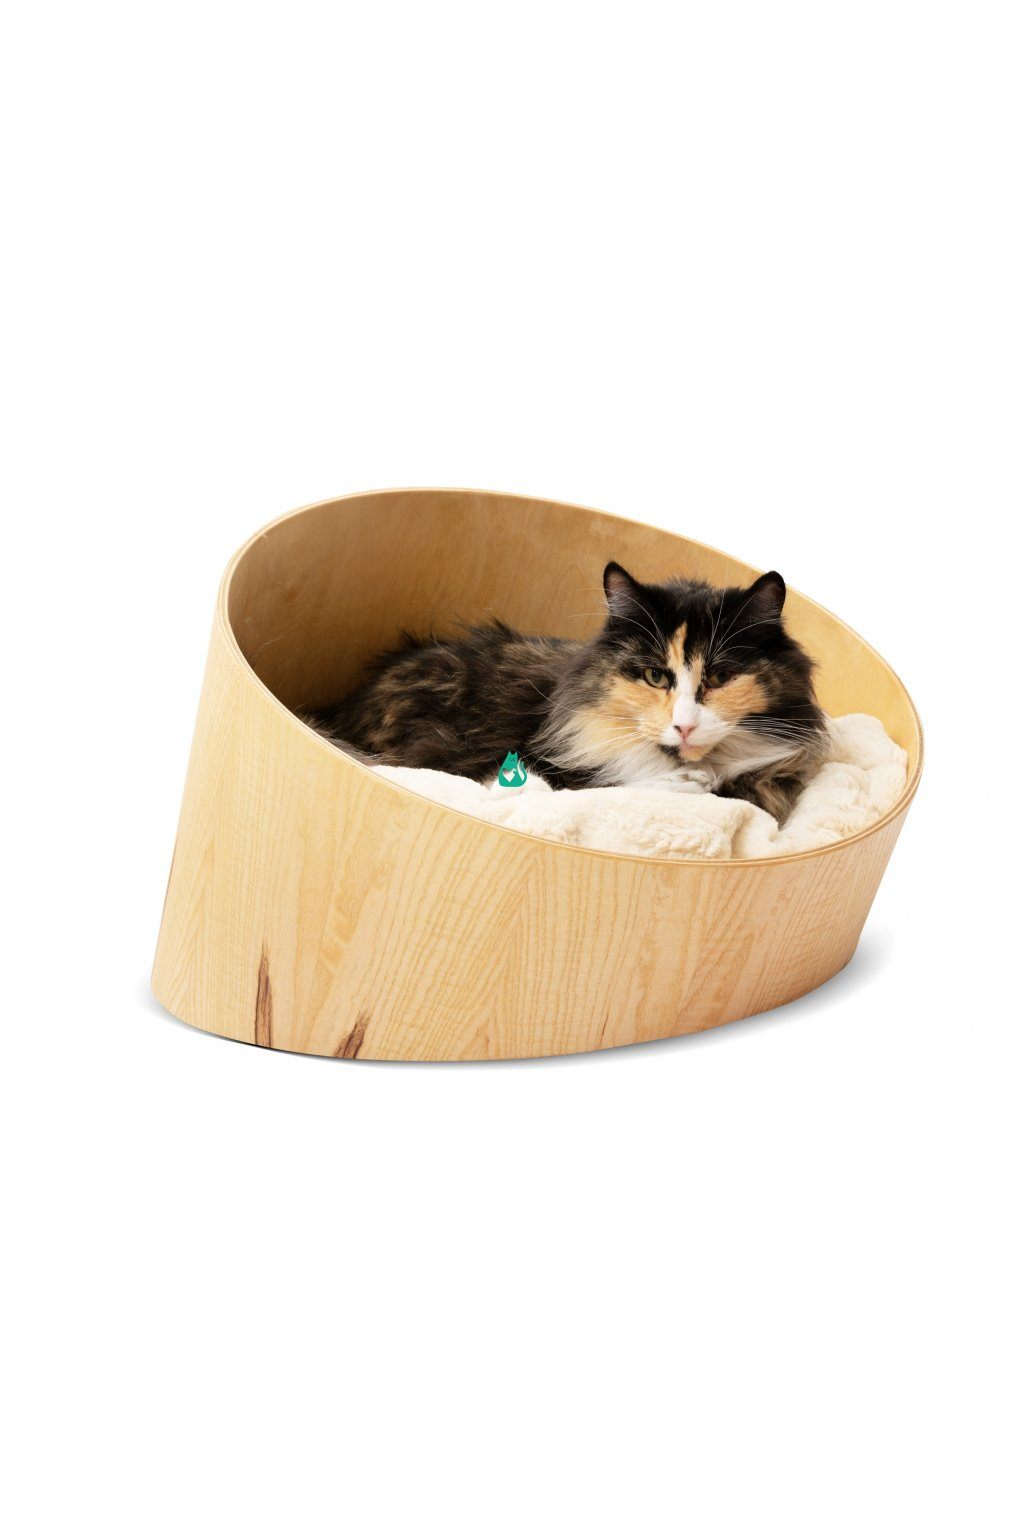 Designový pelíšek ze dřeva - HolidayCat Moggy, SVĚTLÝ, průměr 45cm